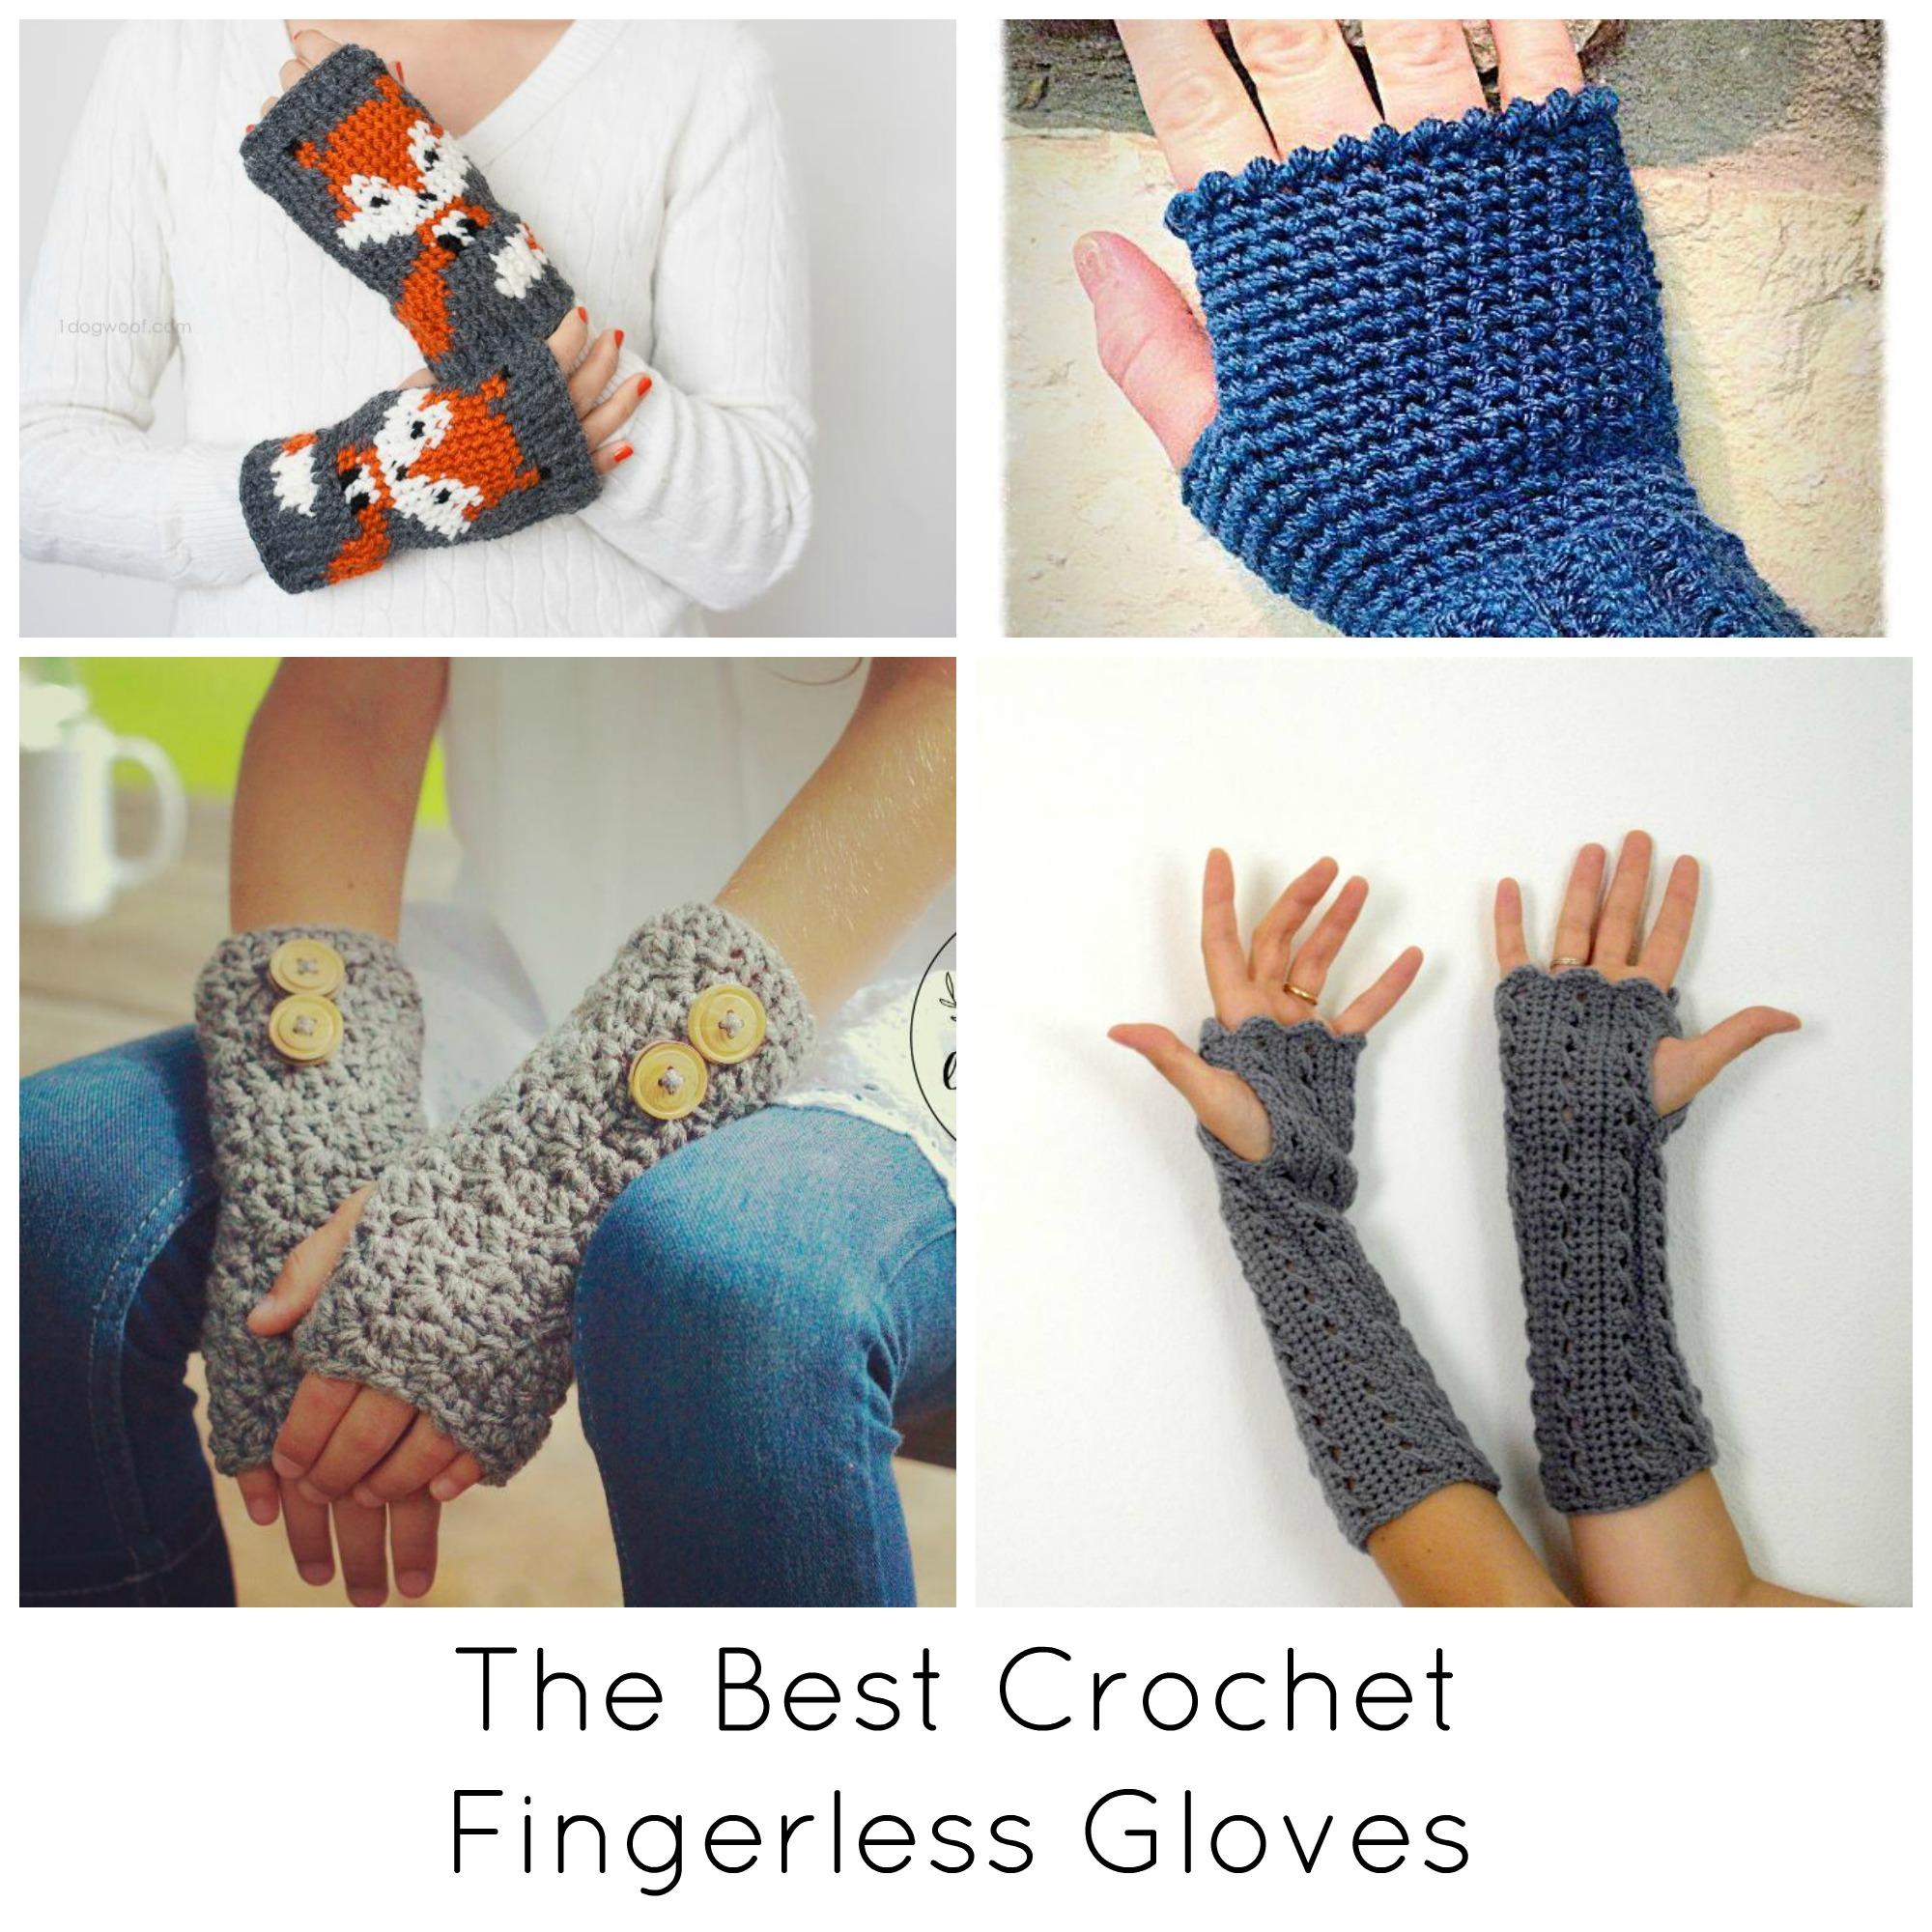 13 of the best crochet fingerless gloves nkxdanj